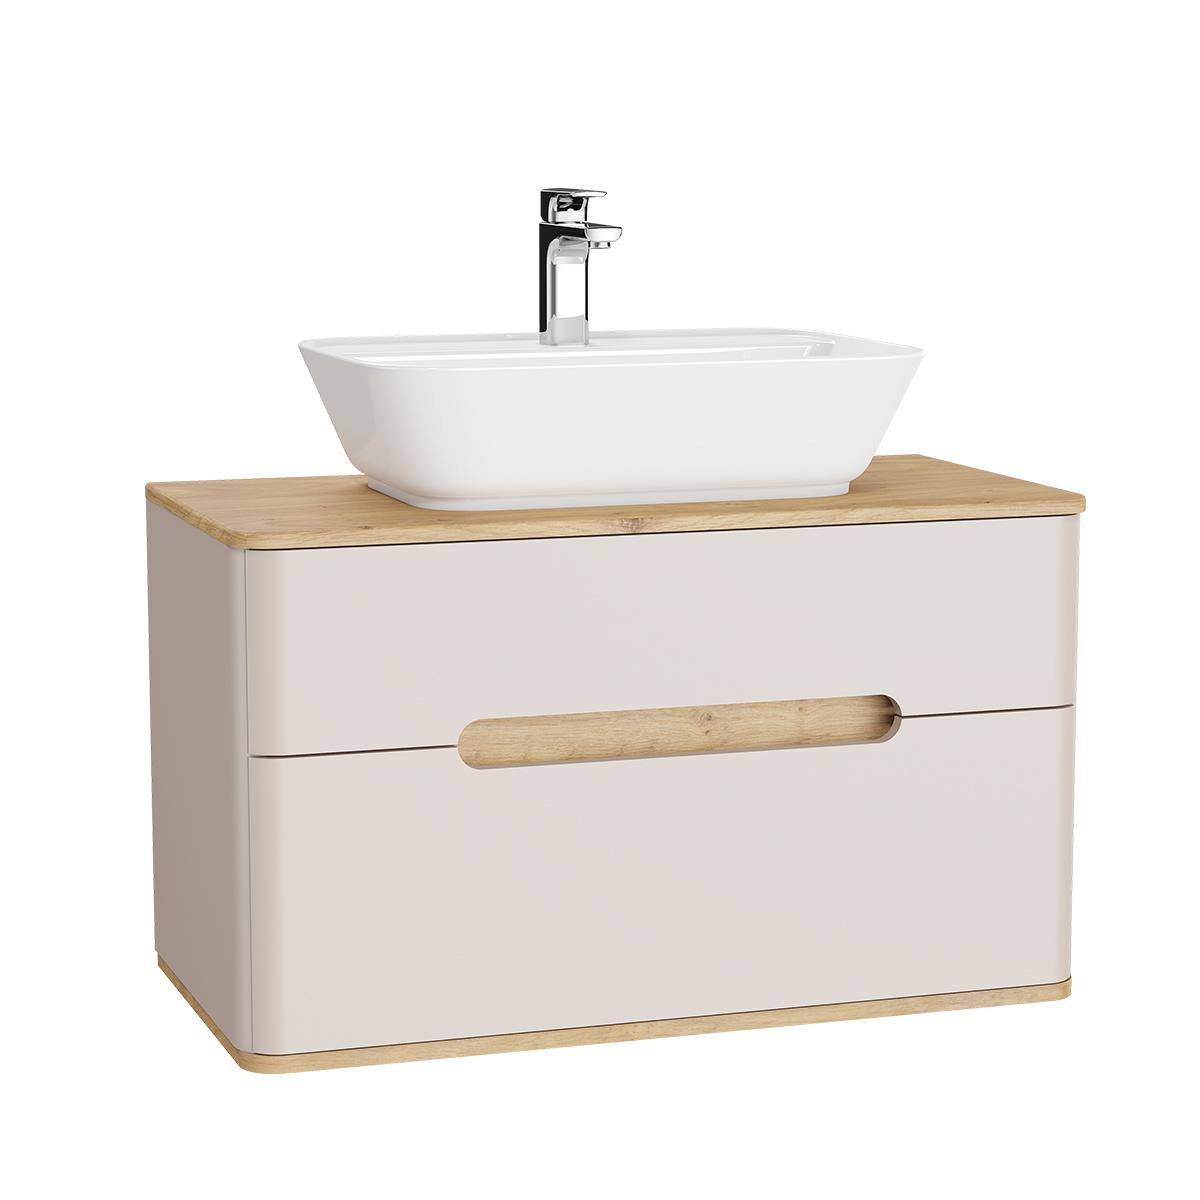 Sento Waschtischunterschrank, 90 cm, für Aufsatzwaschtische, mit 2 Vollauszügen, Crème Matt